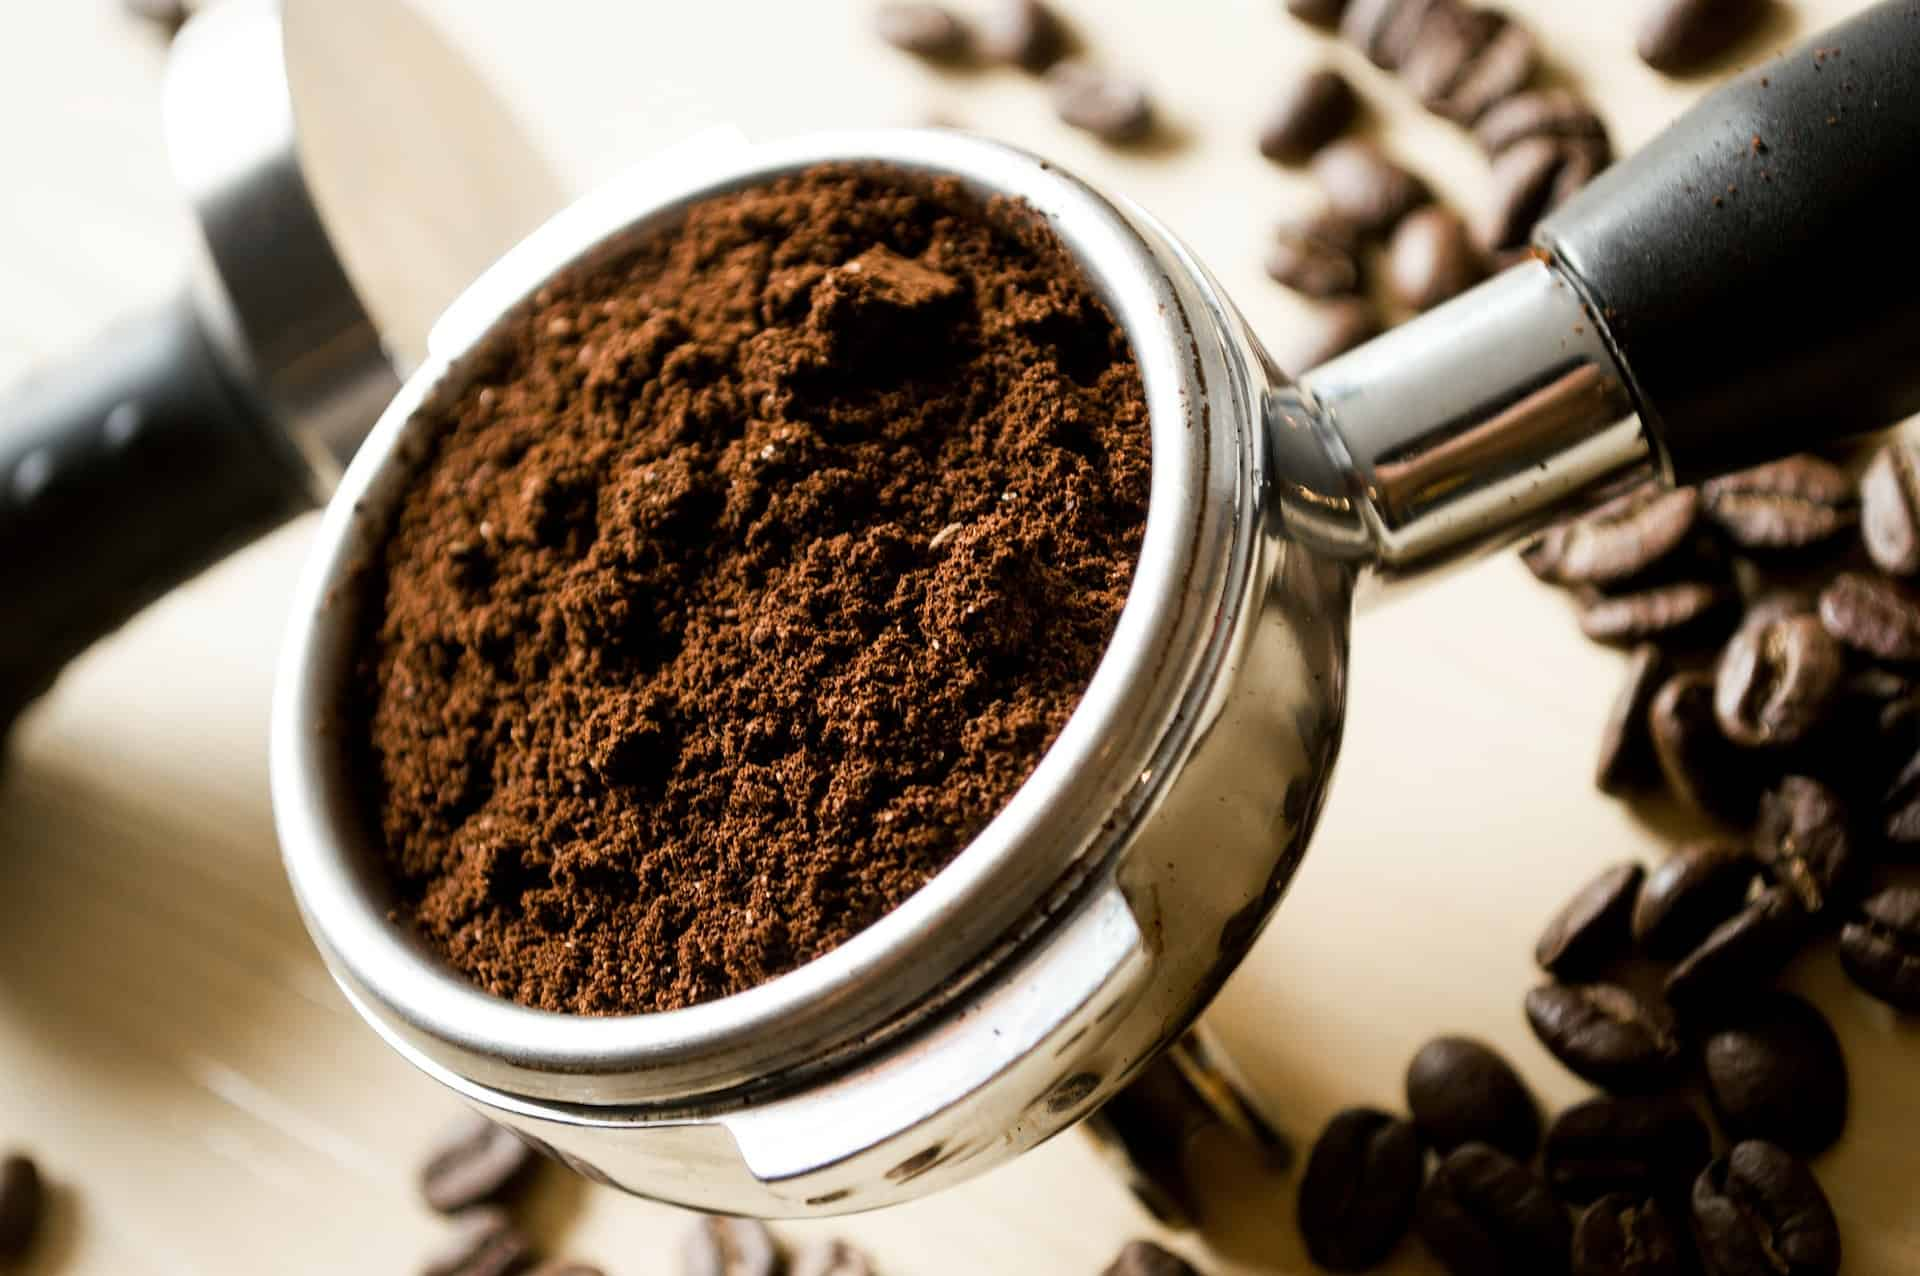 Elektrische Kaffeemühle: Test & Empfehlungen (07/20)